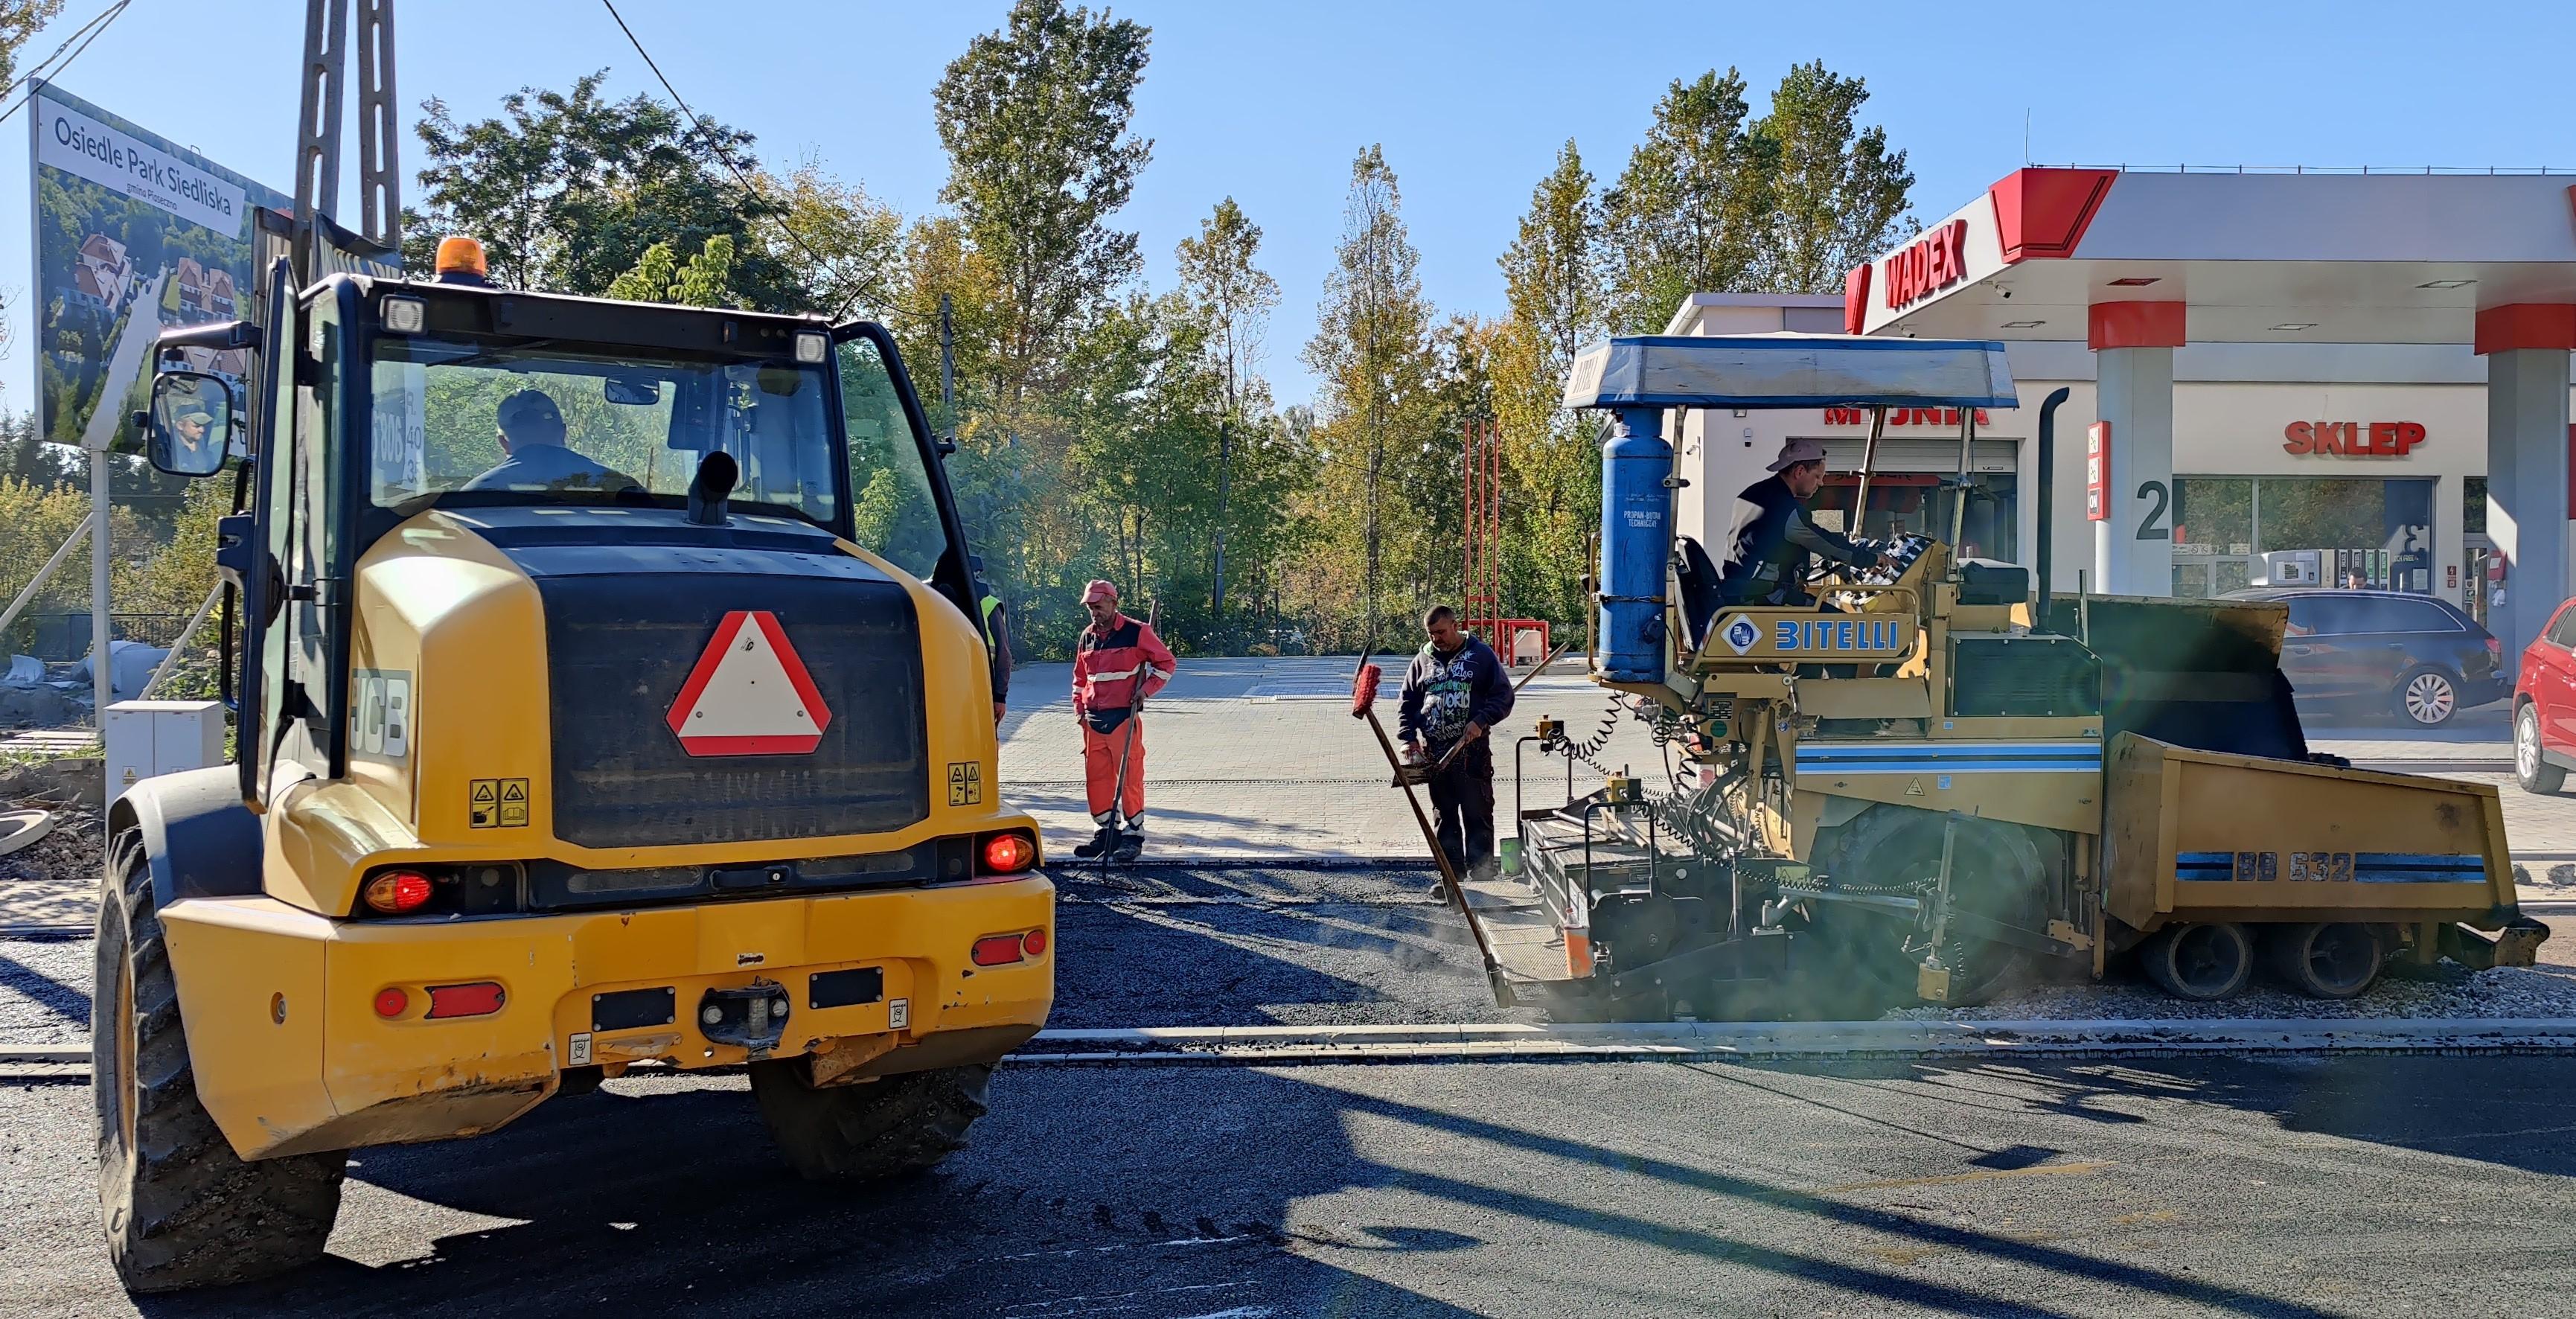 Ostatnie prace na ul. Dworcowej. Uwaga na utrudnienia od ul. Sienkiewicza. Na zdjęciu maszyny budowlane na ul. Dworcowej.